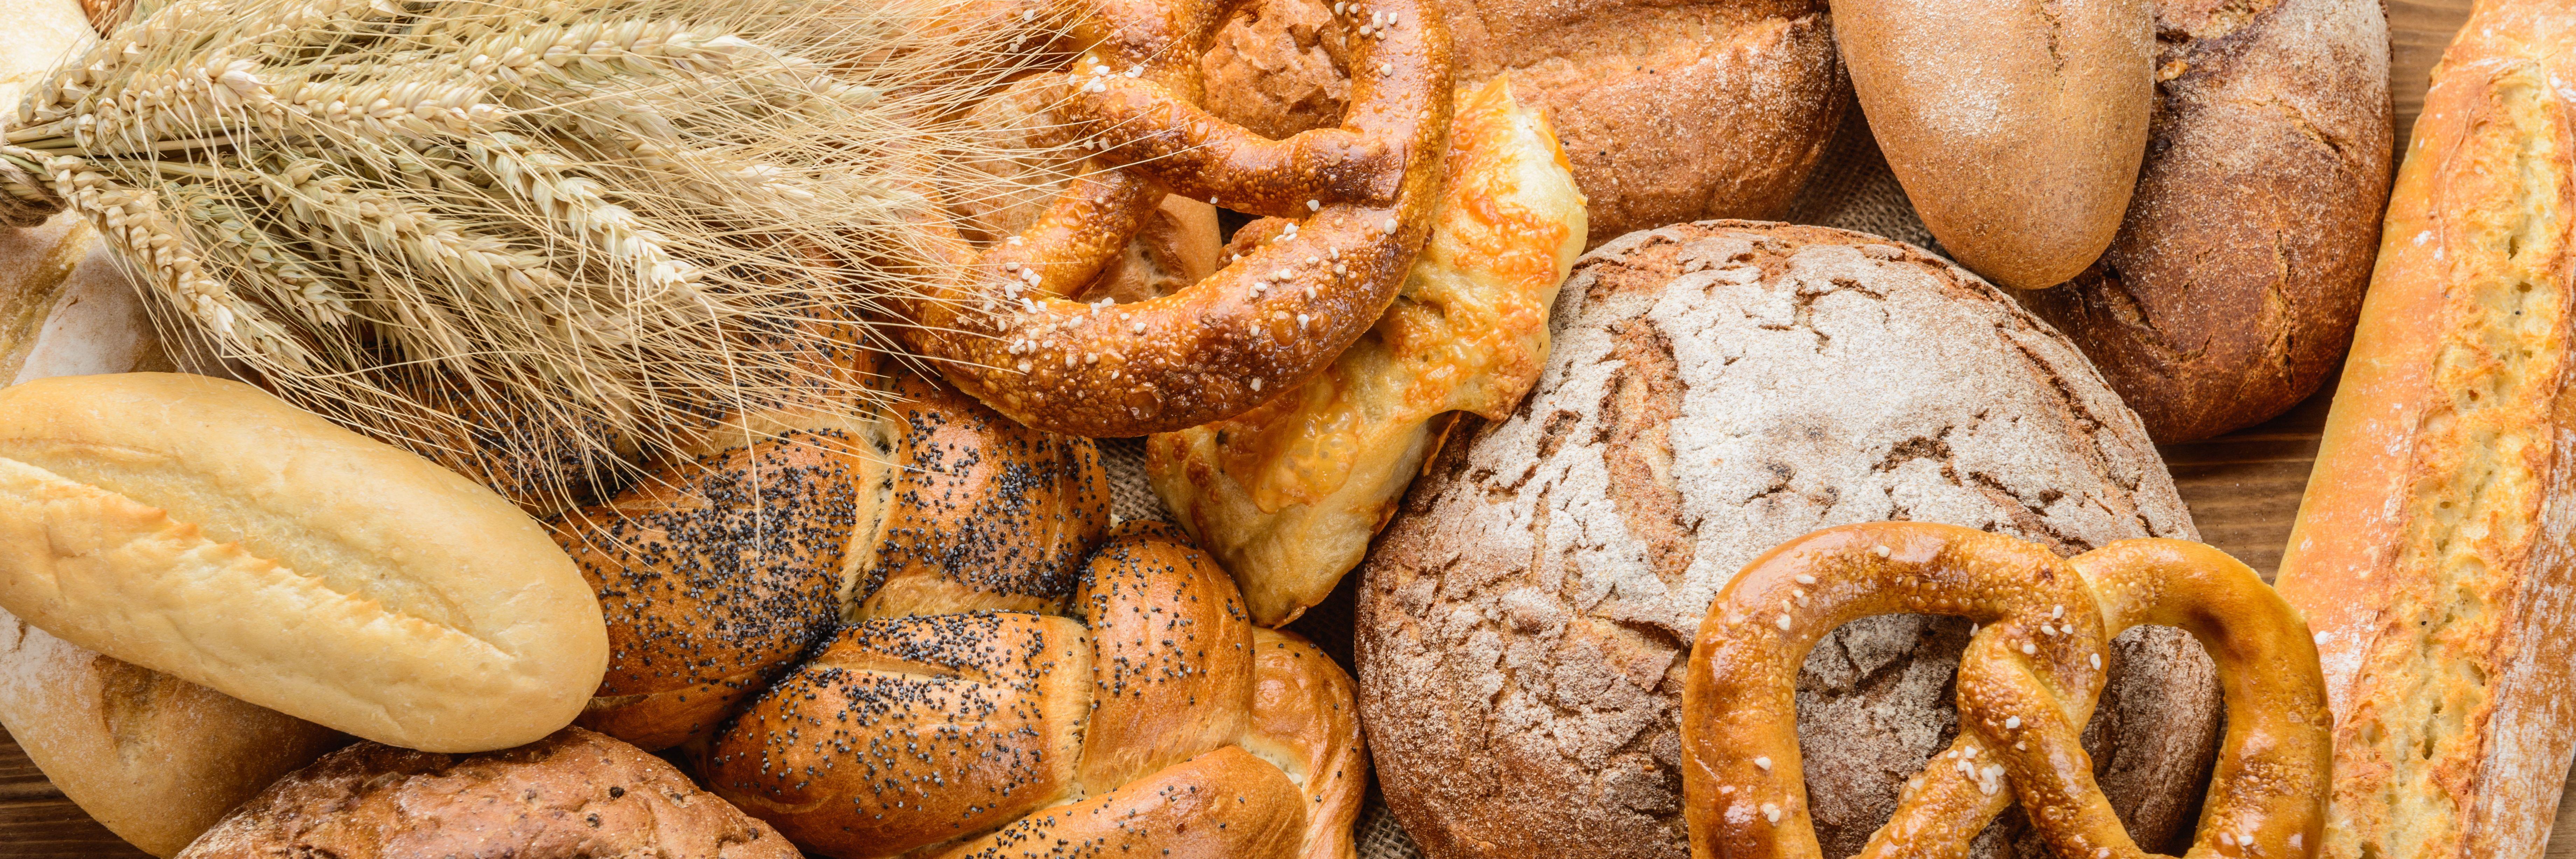 Foto 2 de Panadería y Pastelería (suministros) en Écija | Productos Armesto